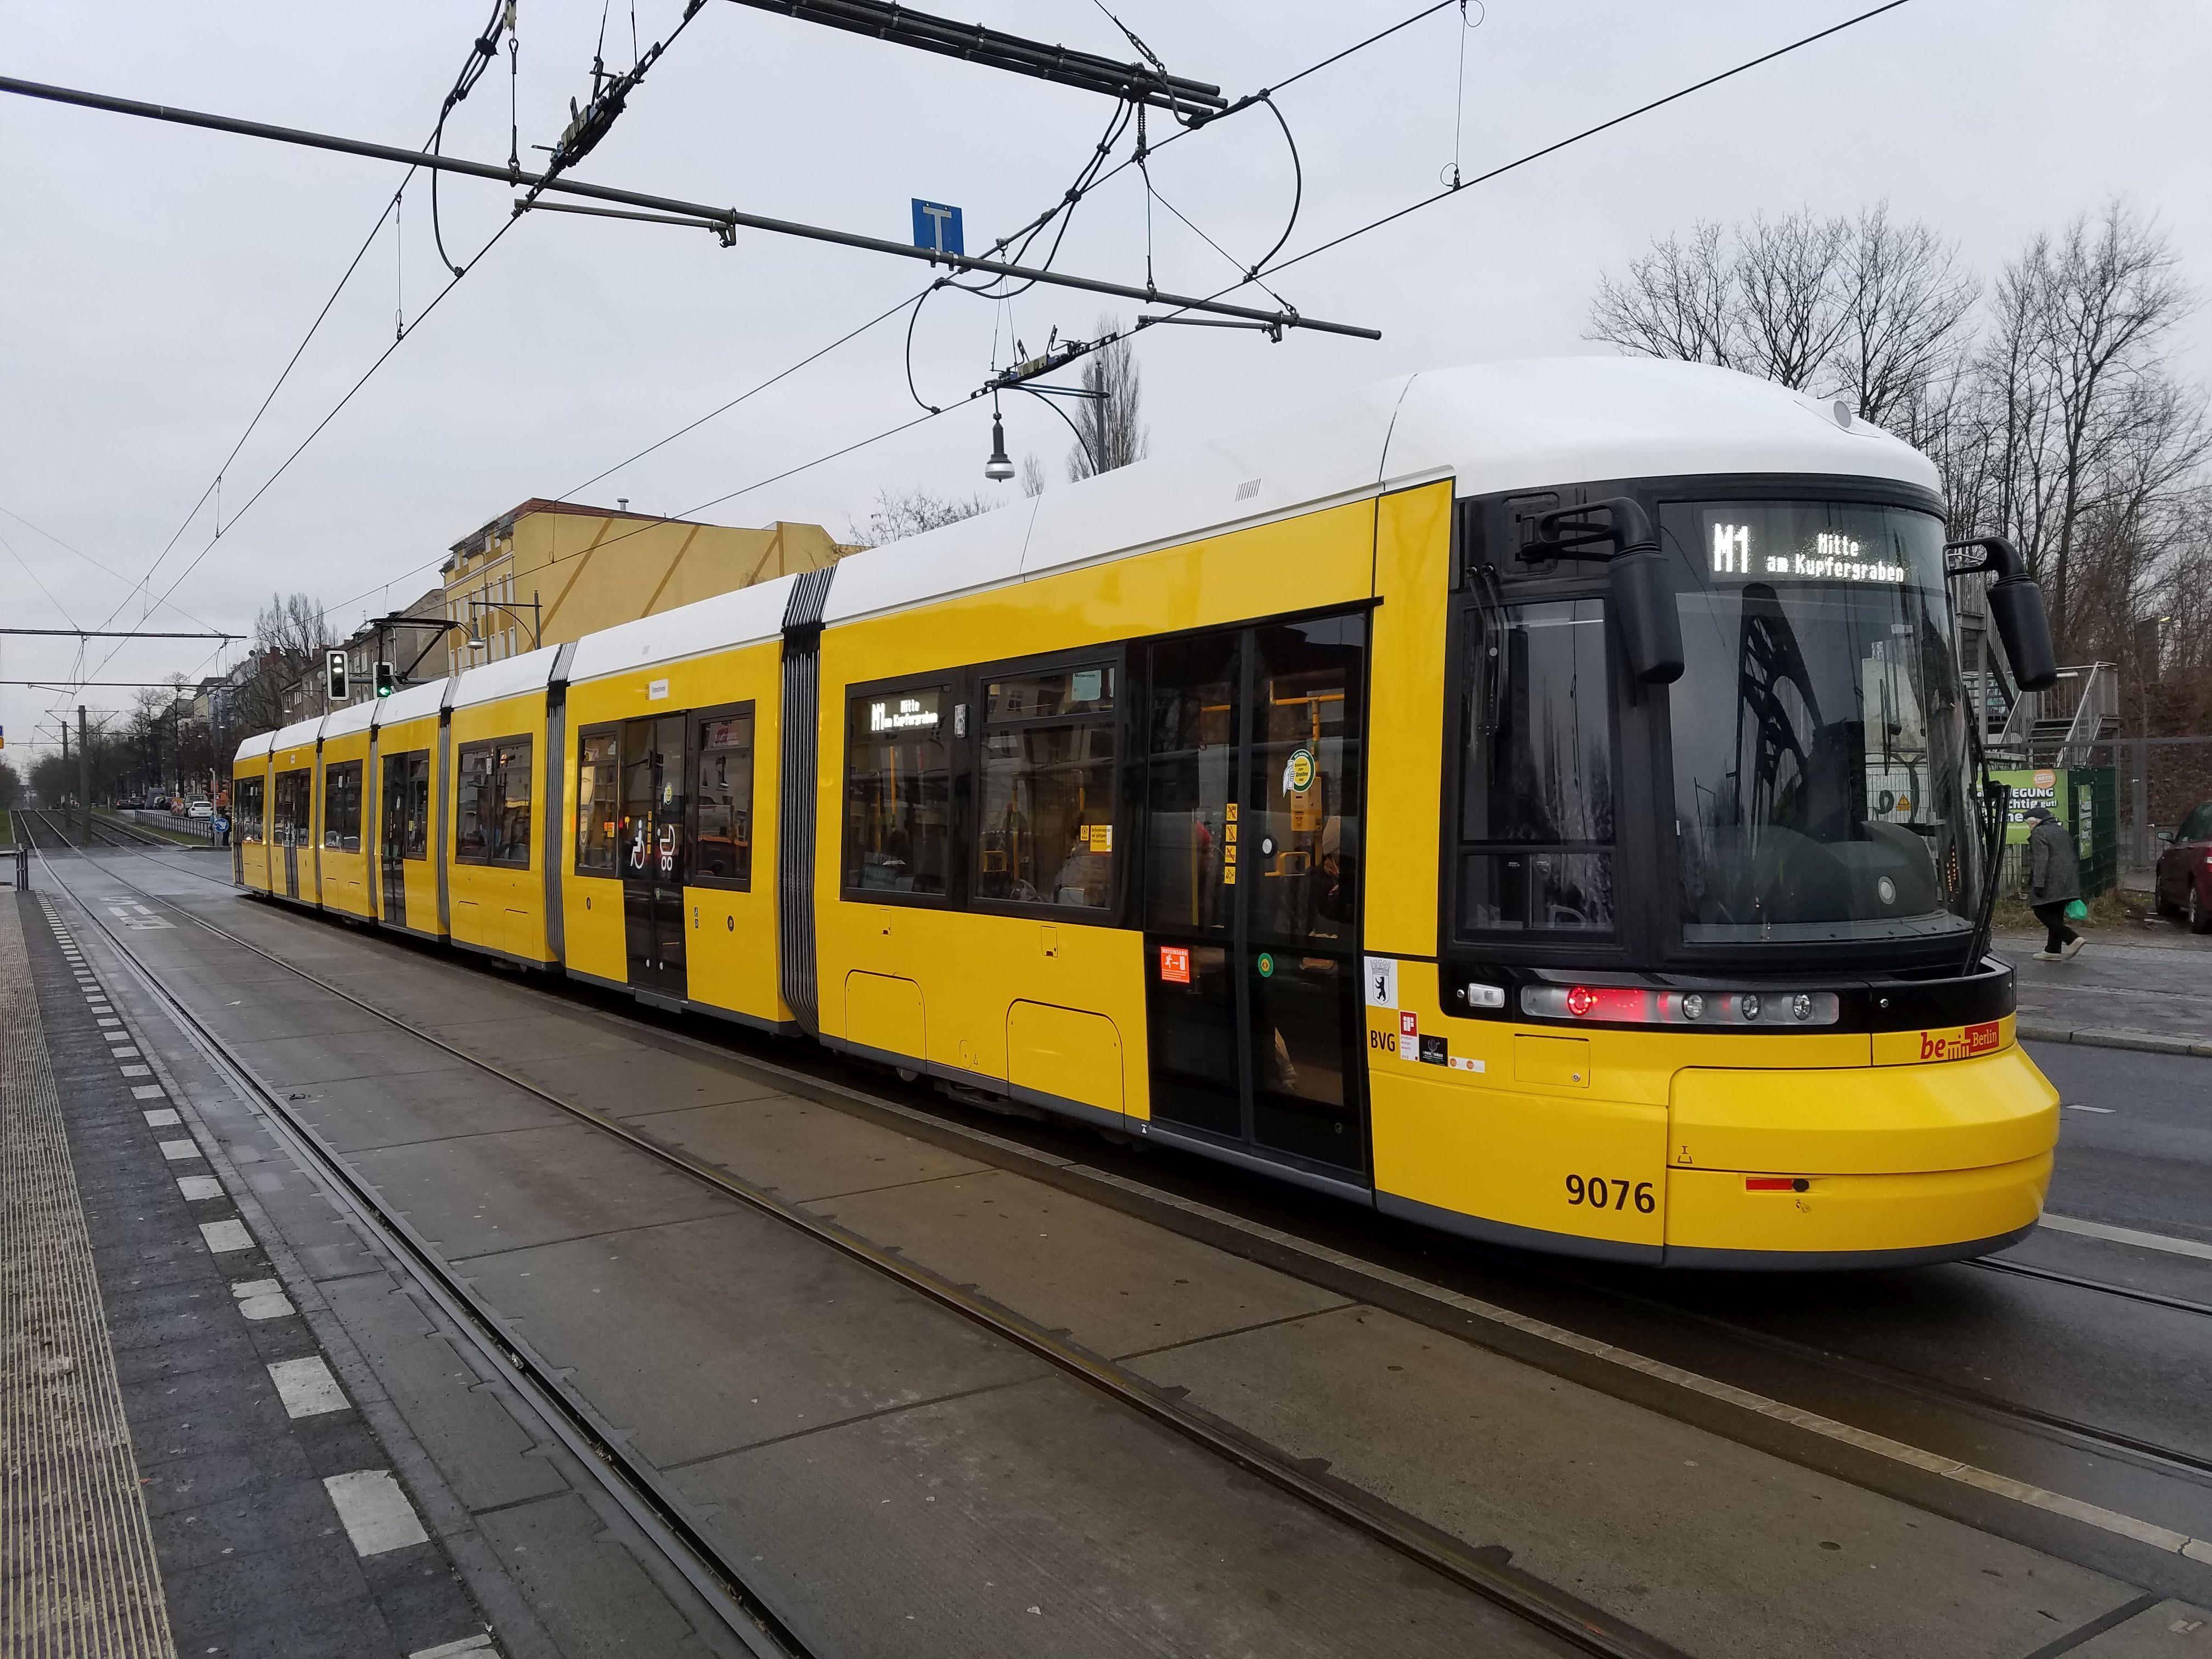 Foto: Straßenbahn 9076, Typ Flexity ZRL, Pankow, Januar 2018